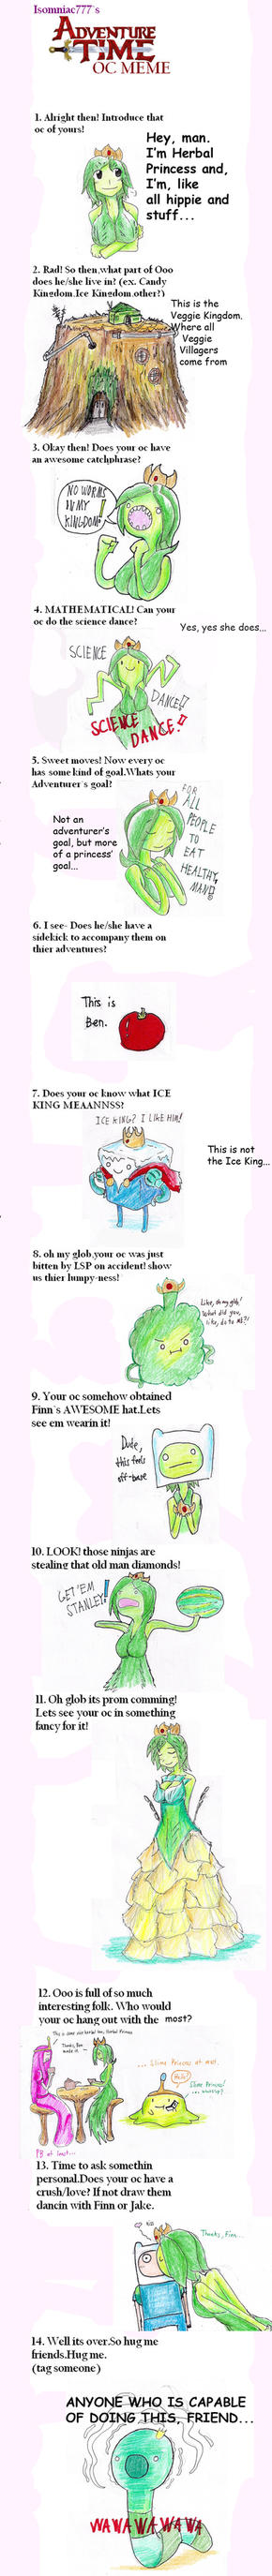 Adventure Time OC meme by hewhowalksdeath